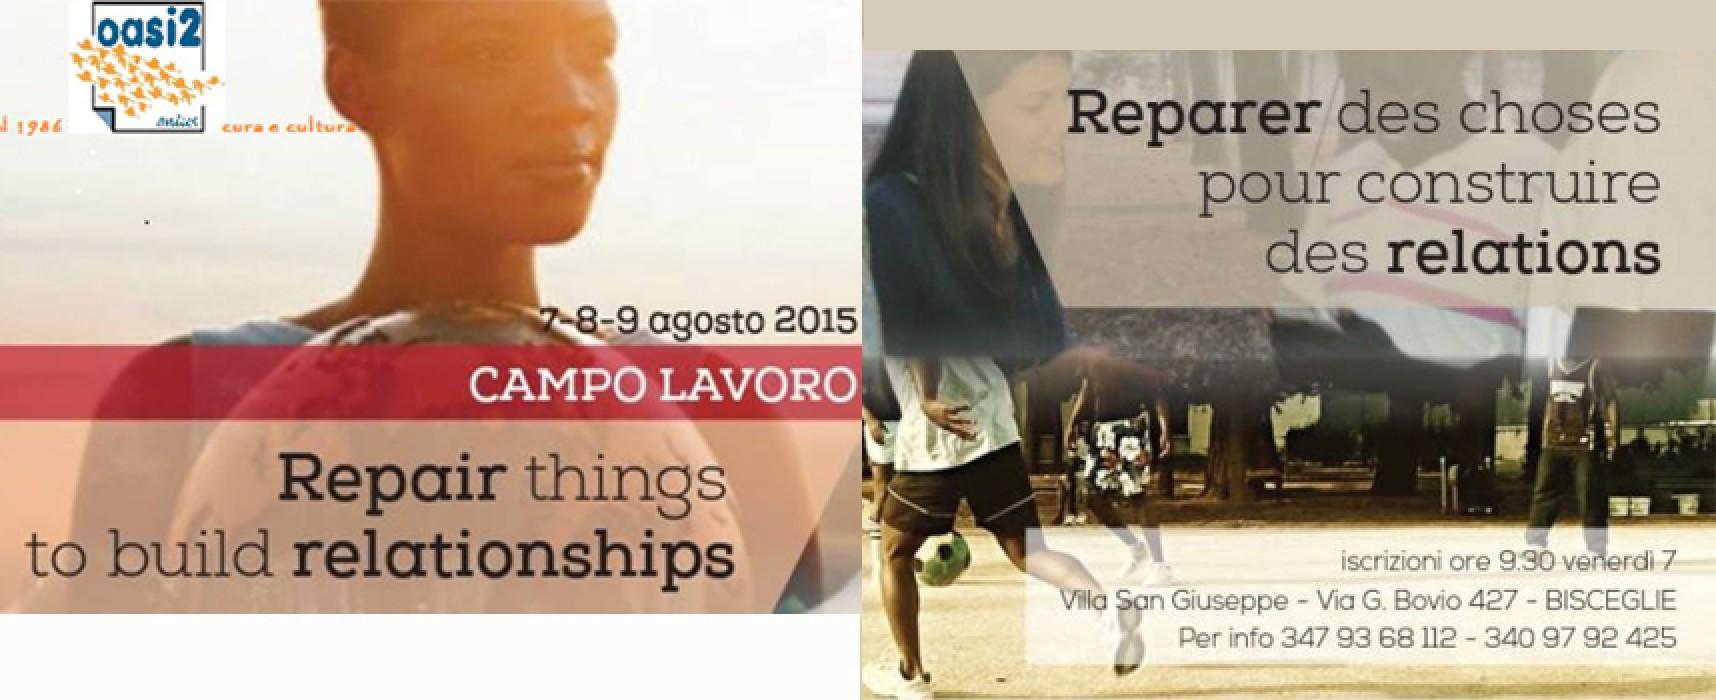 """Al via """"Riparare cose, costruire relazioni"""" a Villa San Giuseppe: partecipazione aperta a tutti"""